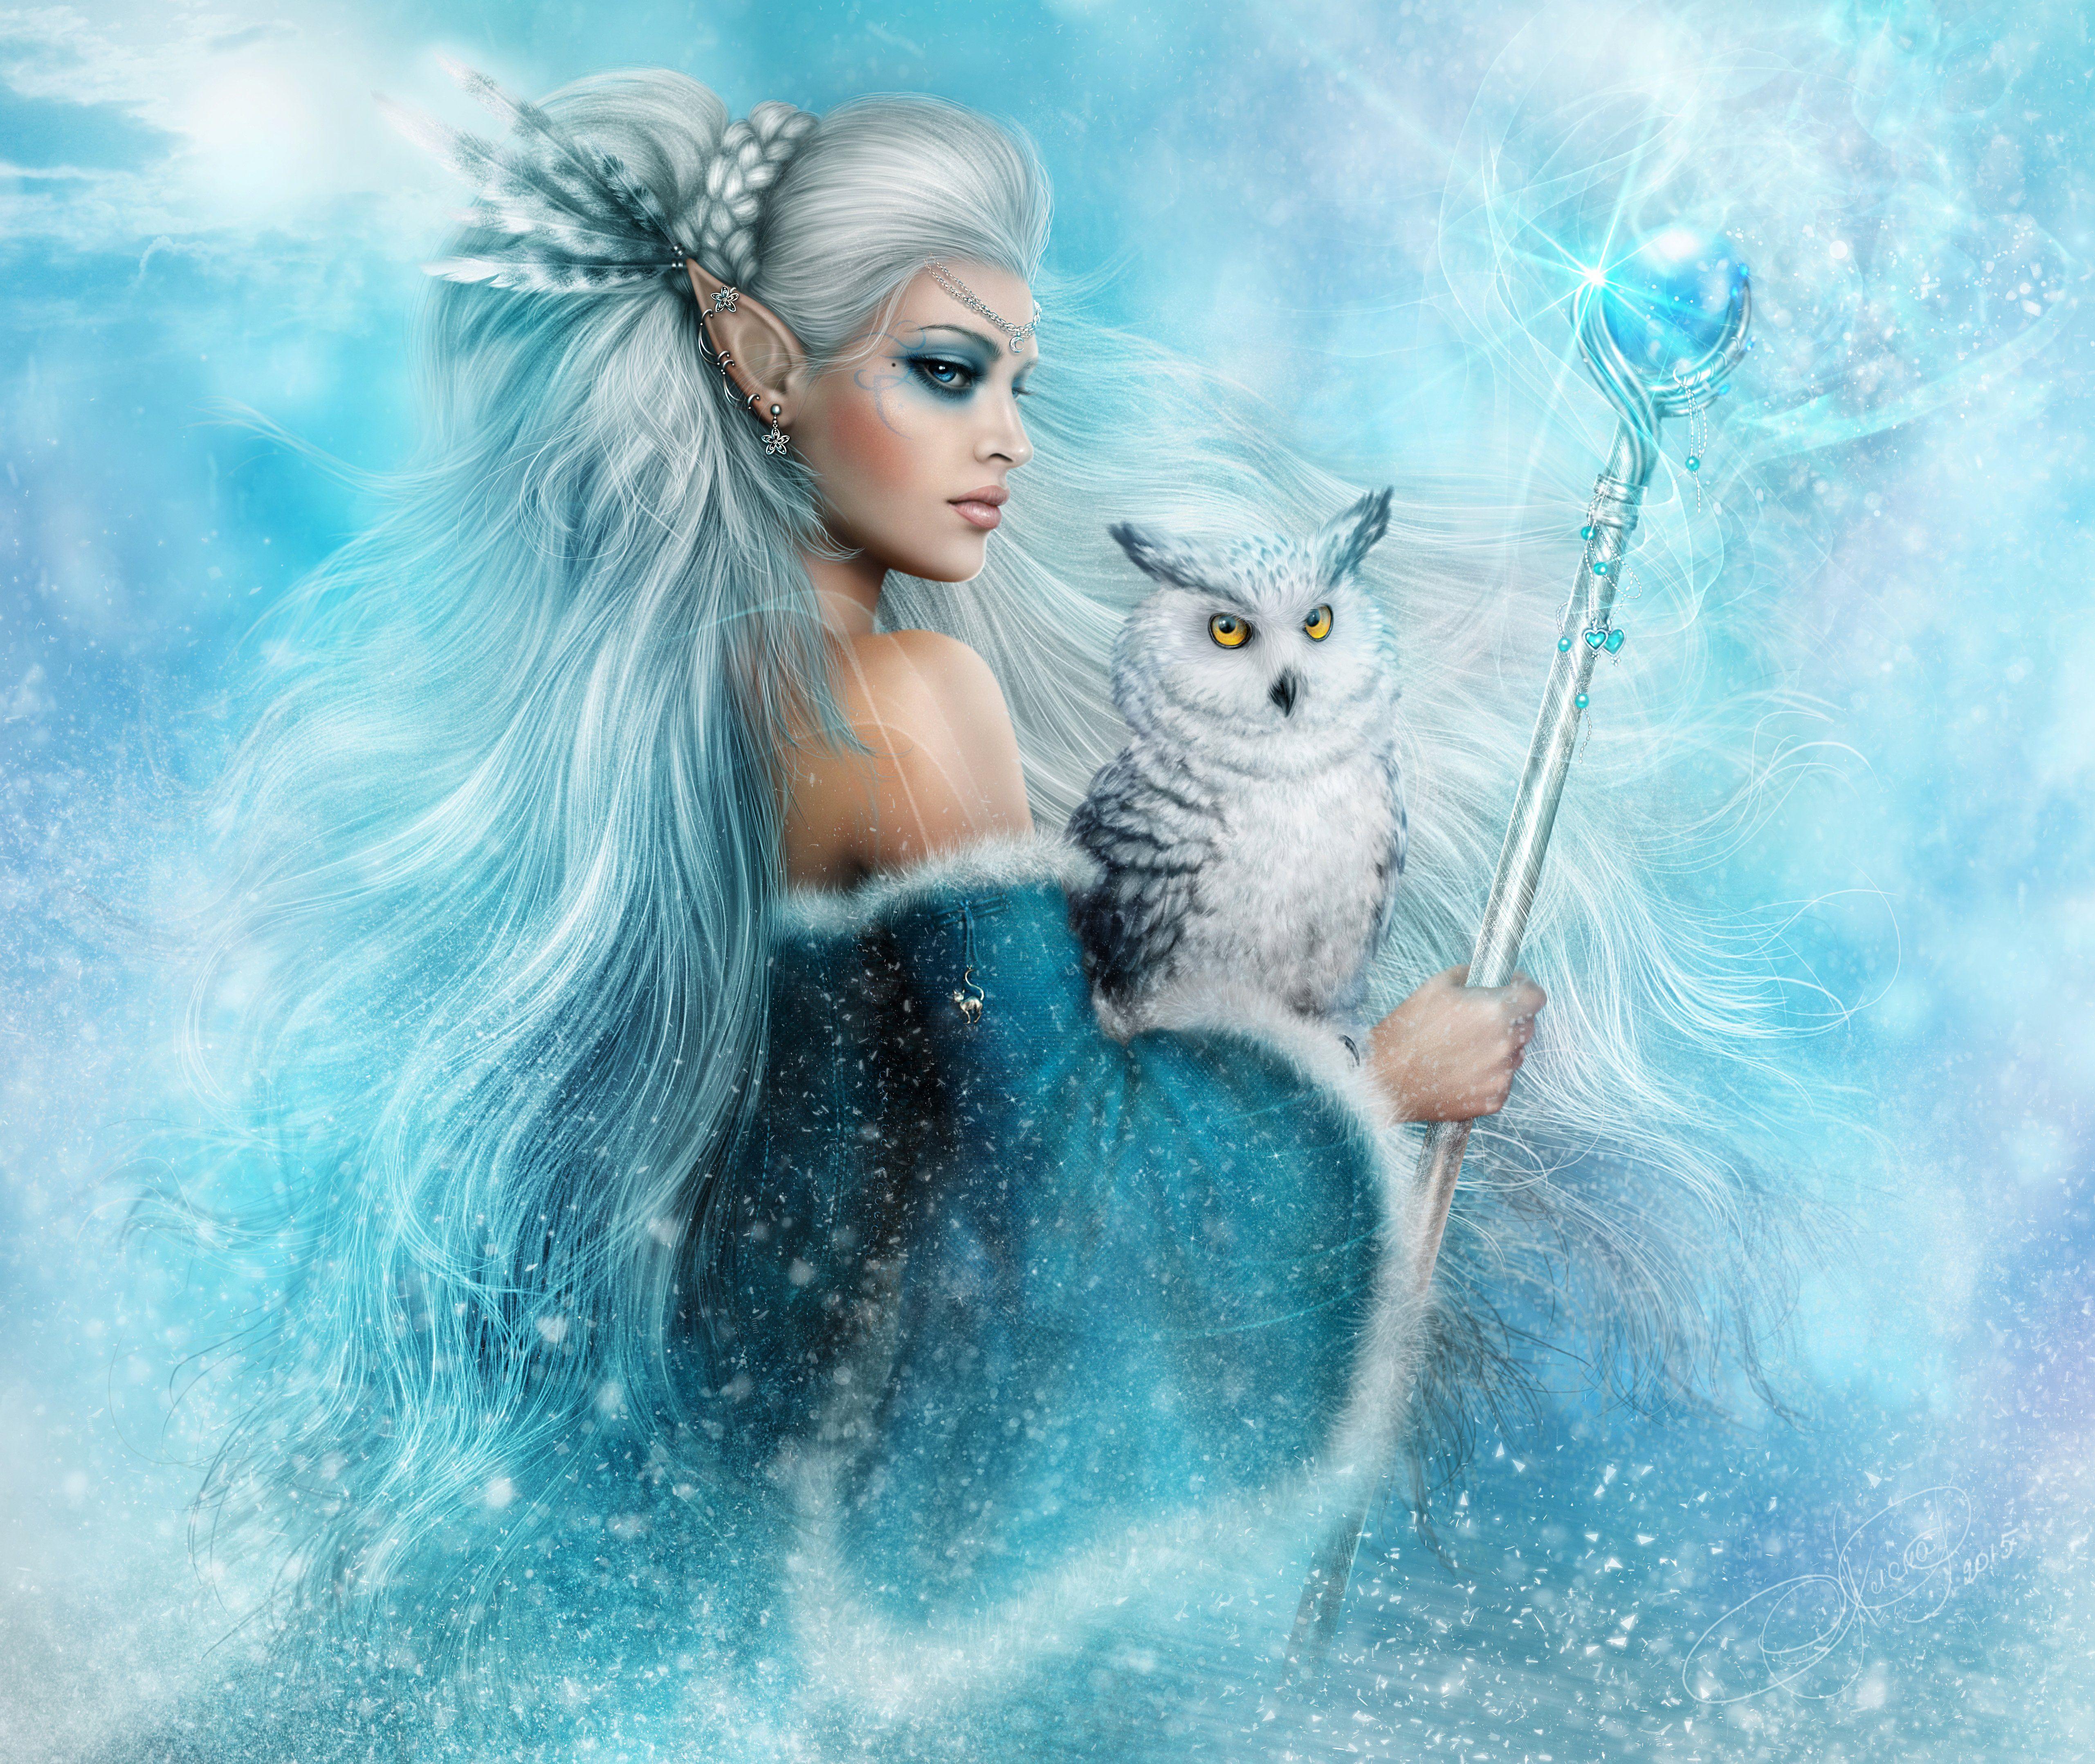 Fantasy Elf Fantasy Woman Girl White Hair Blue Eyes Owl Staff White ...